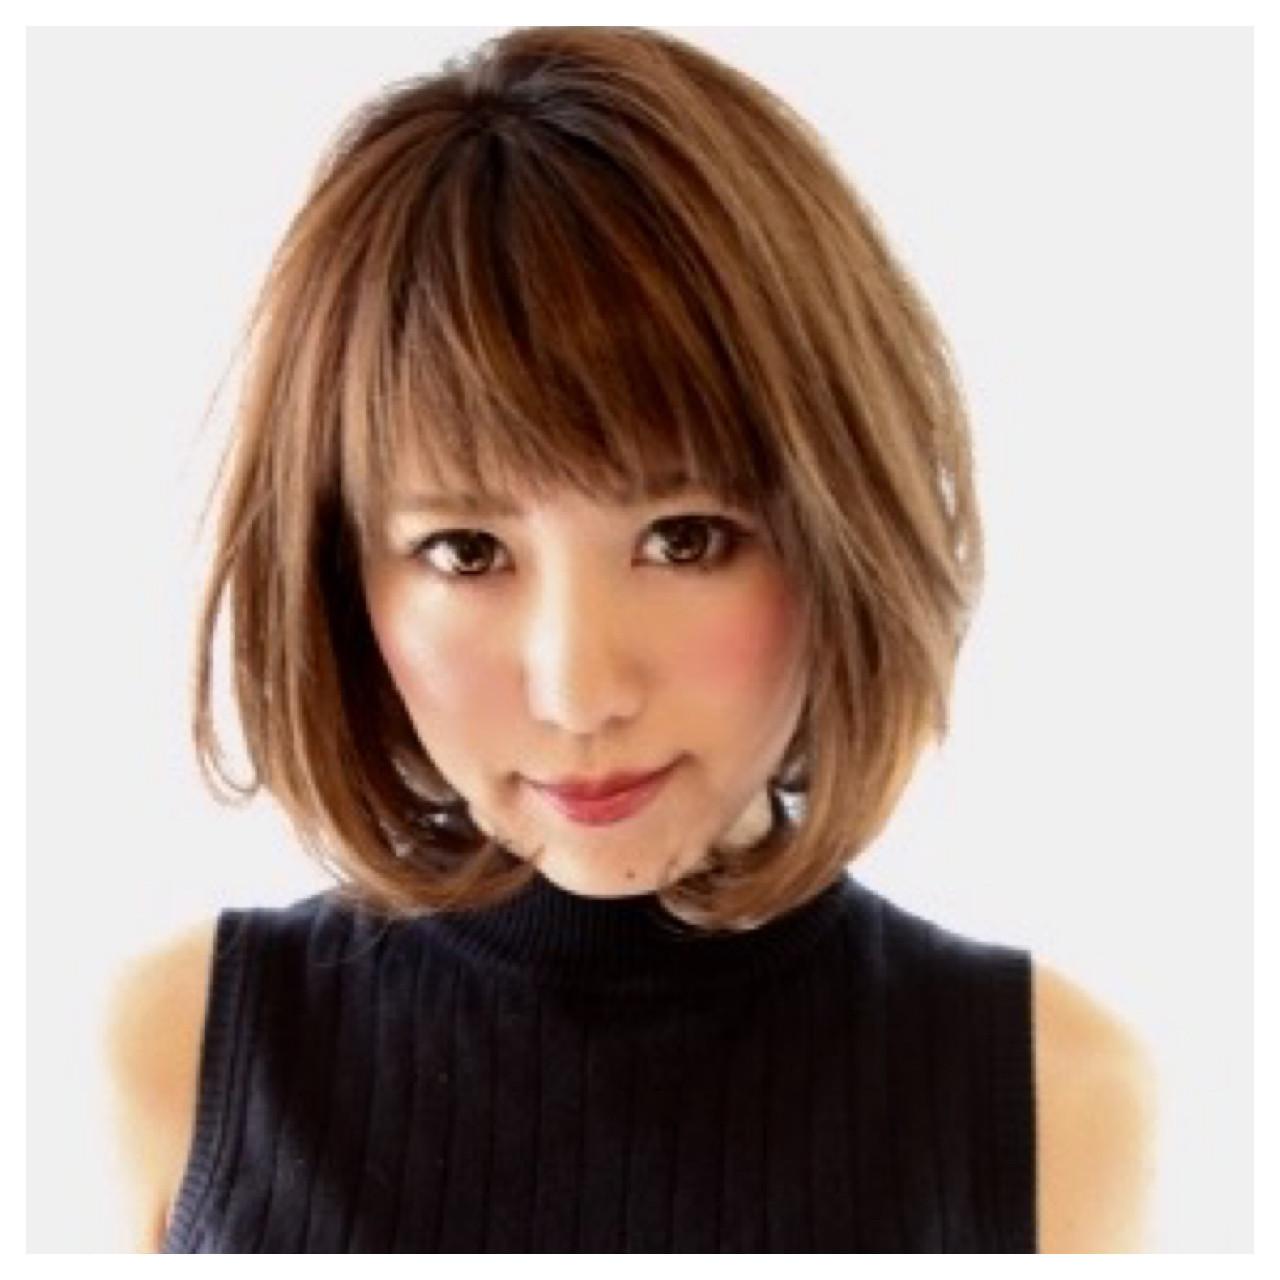 ニュアンス 前髪あり ボブ アッシュ ヘアスタイルや髪型の写真・画像 | Masanori Yamasaki / Reuna(レウナ)